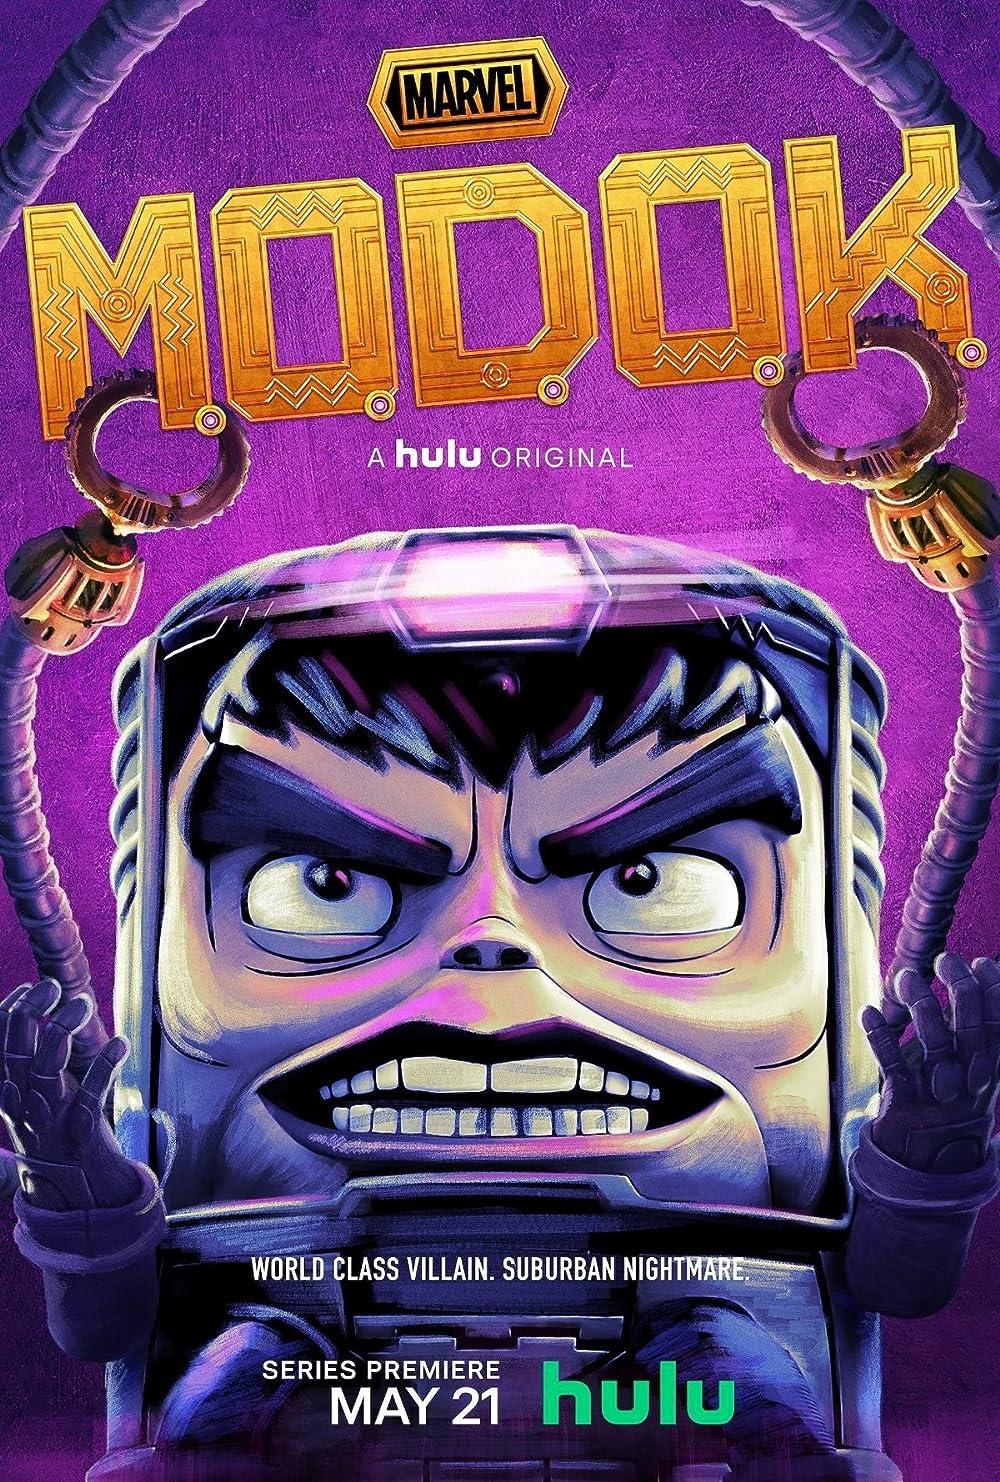 Filmbeschreibung zu Marvels M.O.D.O.K